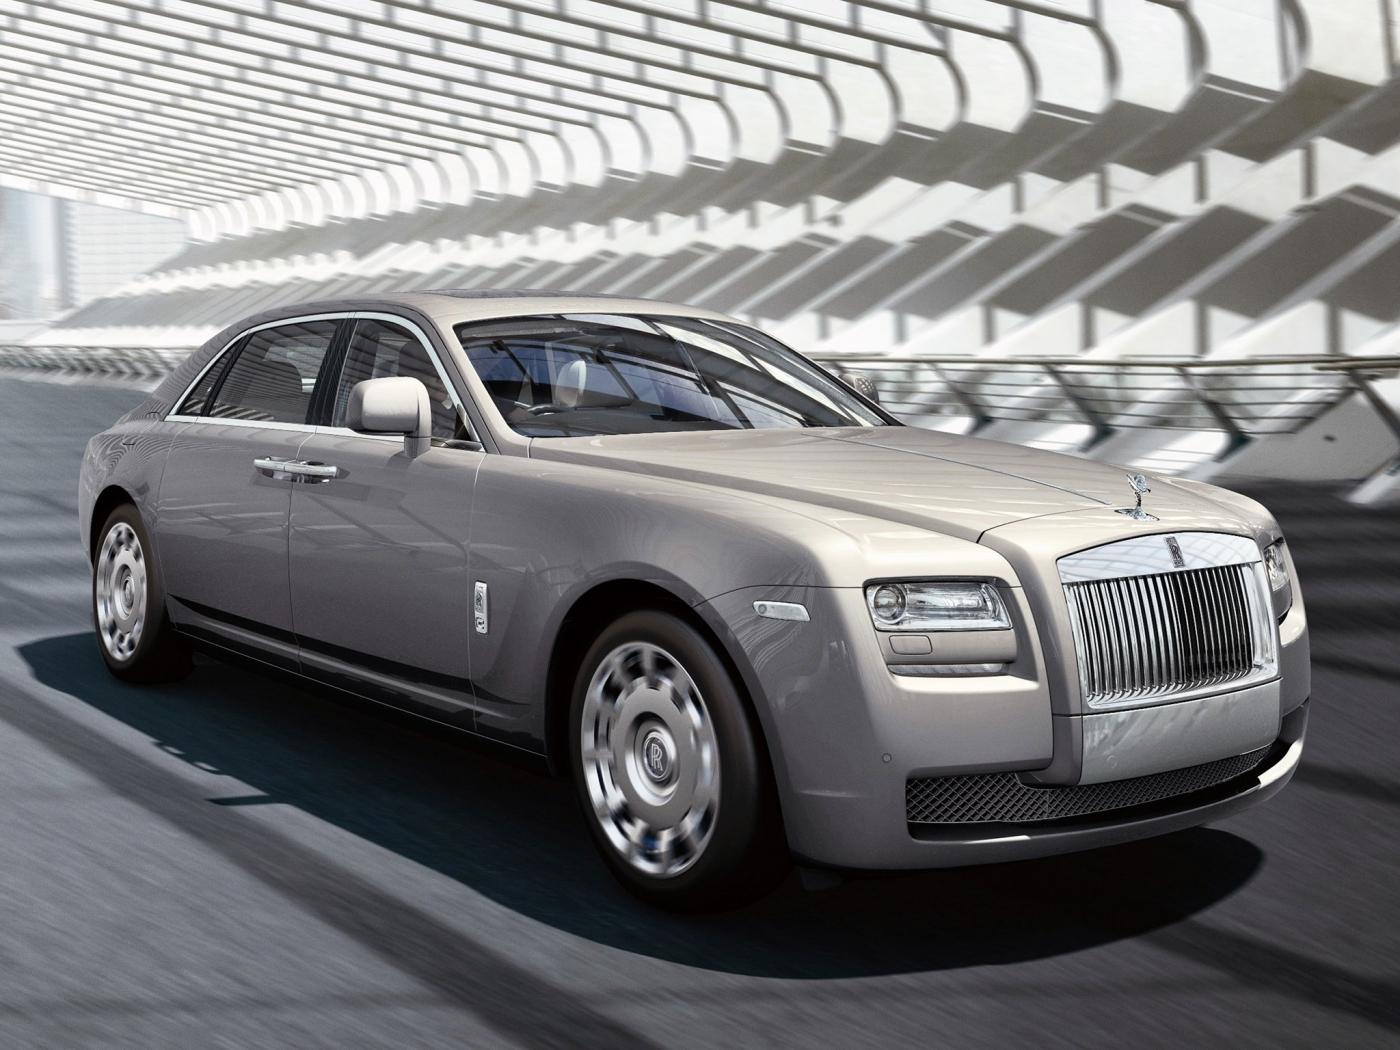 45181 скачать обои Транспорт, Машины, Ролс Ройс (Rolls-Royce) - заставки и картинки бесплатно